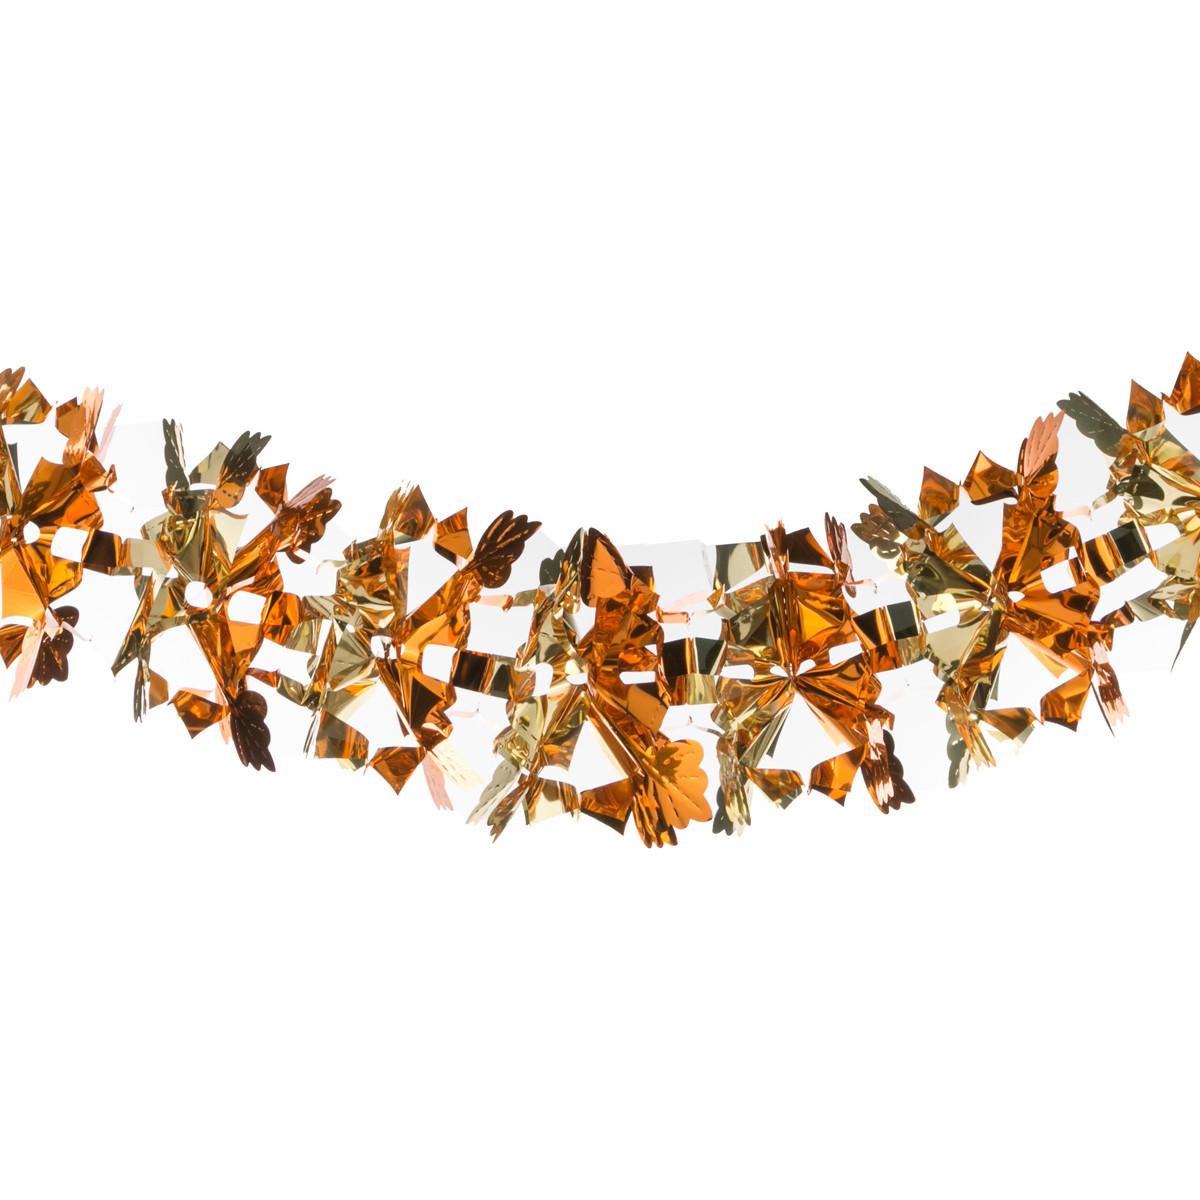 {} Arti-M Гирлянда Alpin  (20х270 см) реверсивная резиновая вставка для насосов supershort airboy injex airgun x alpin и тд 11372